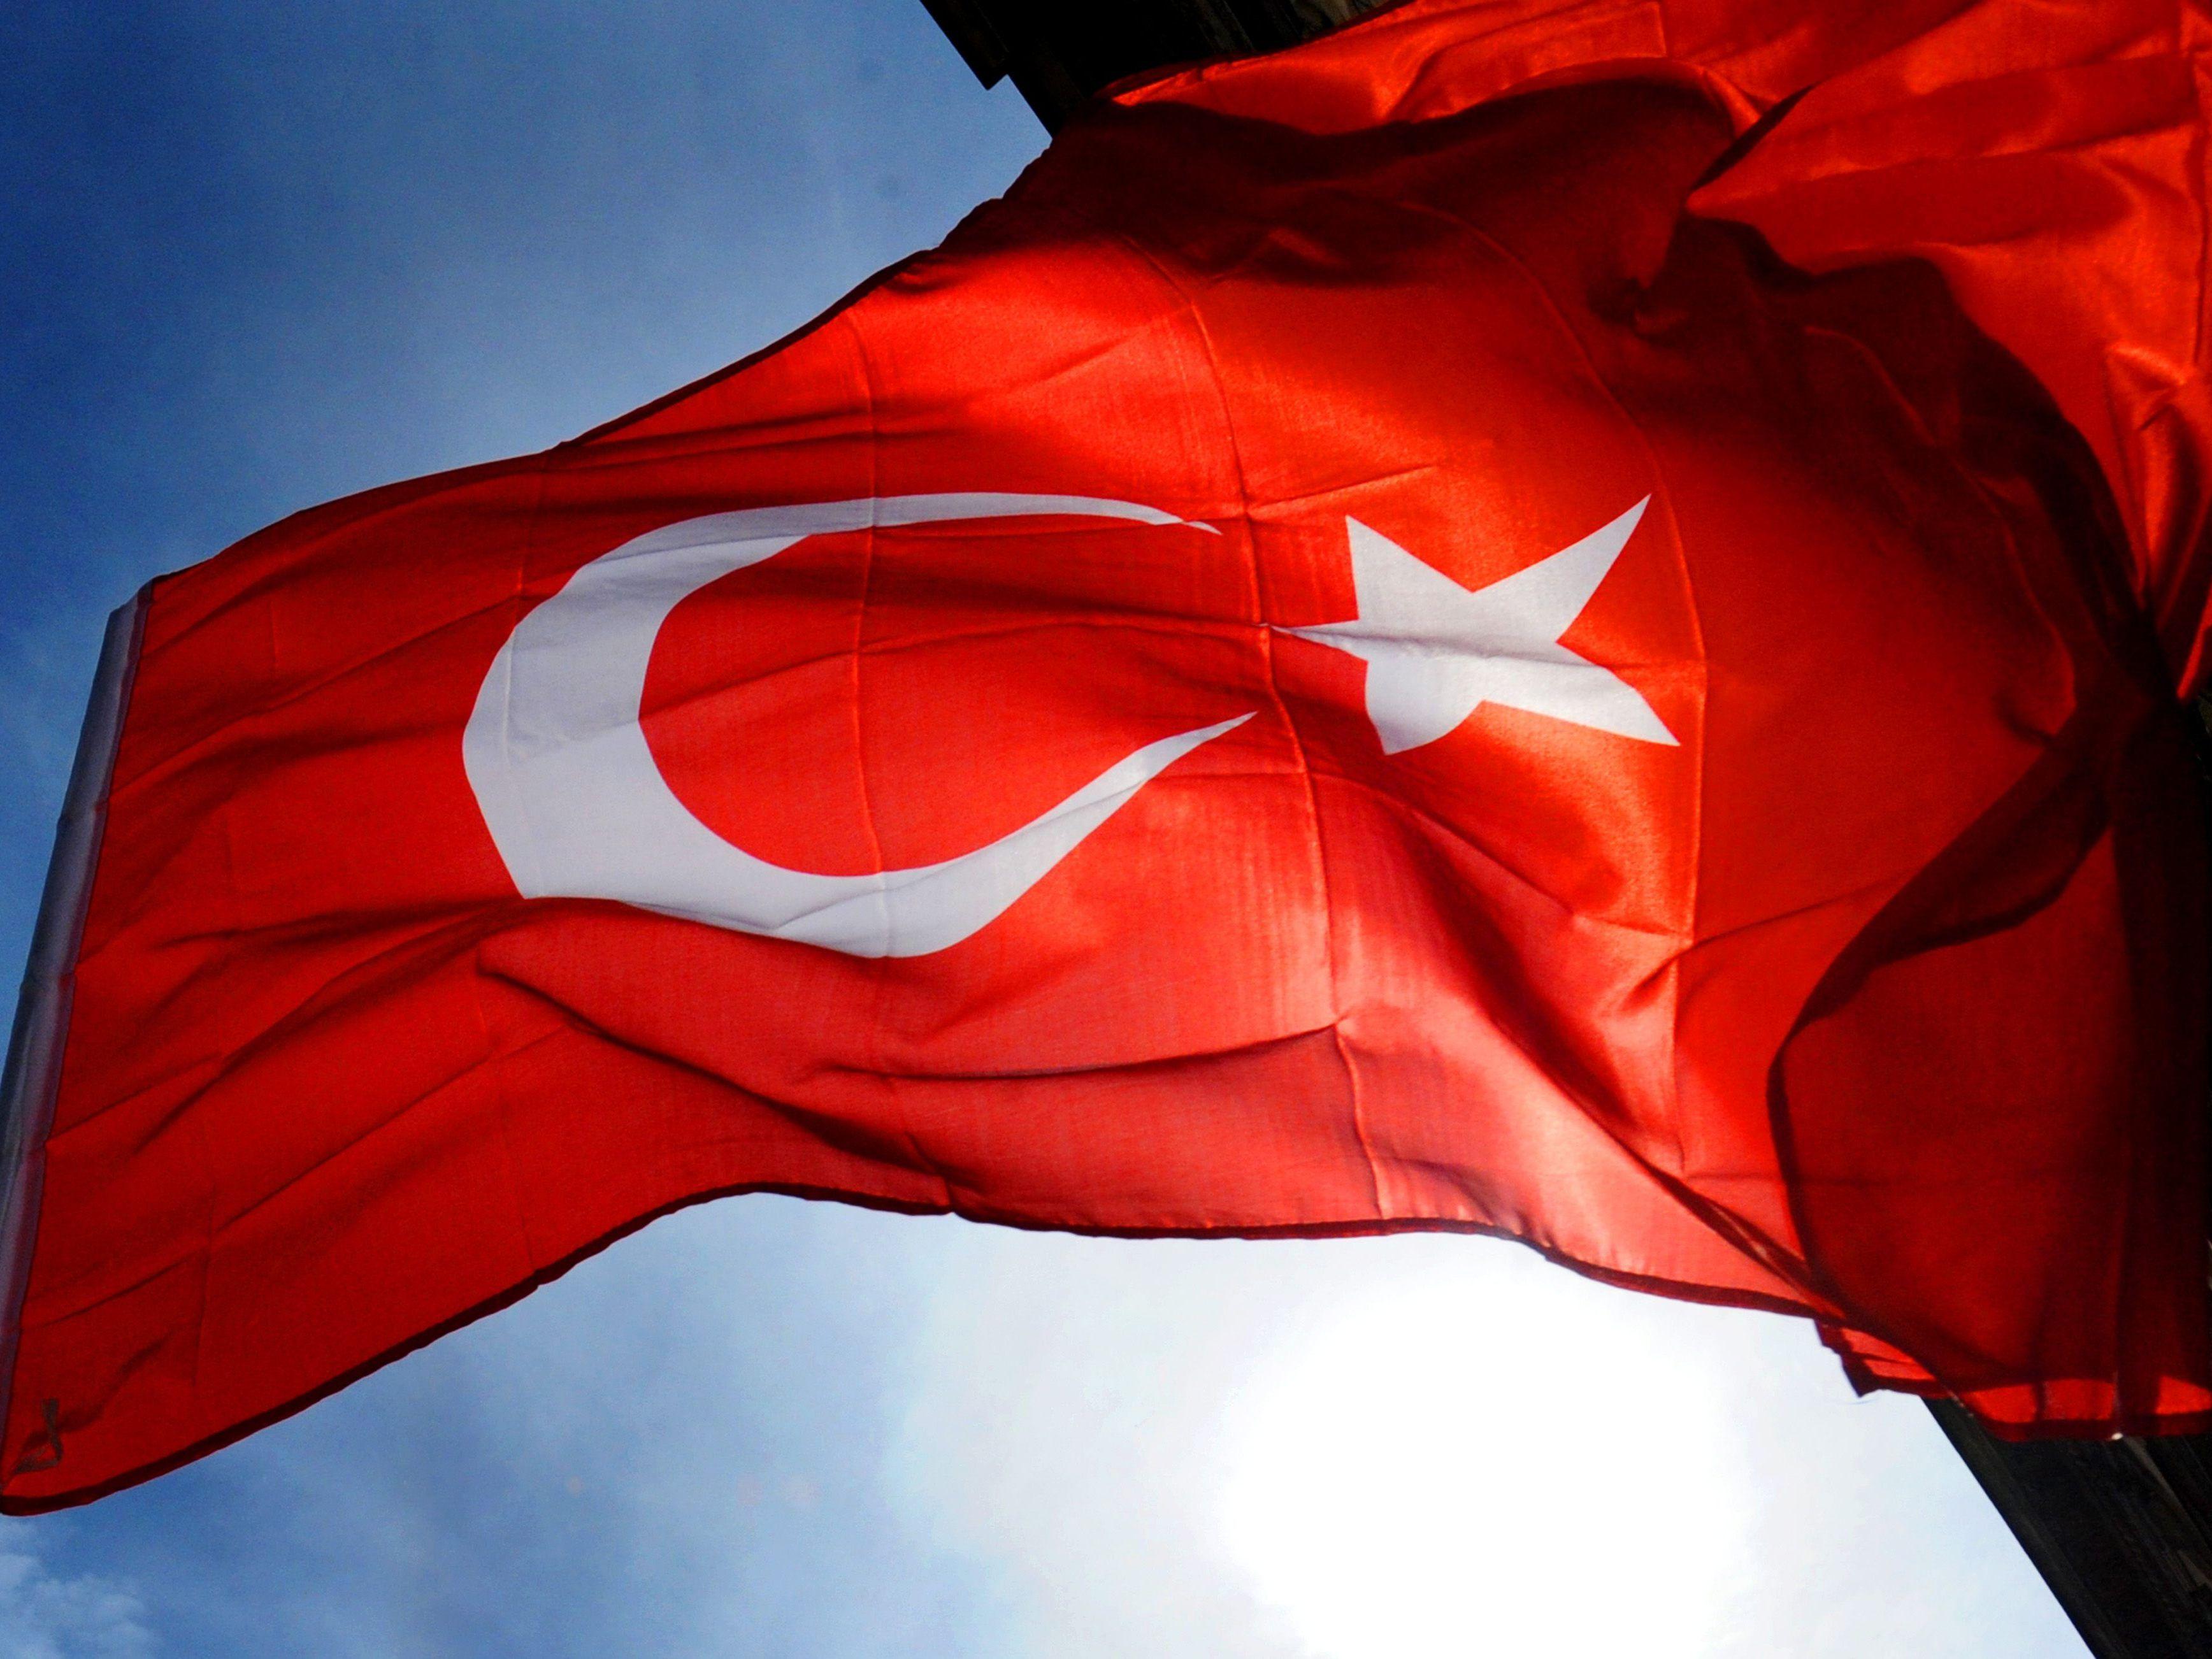 Türkische Armee bombardiert kurdische YPG-Miliz in Syrien